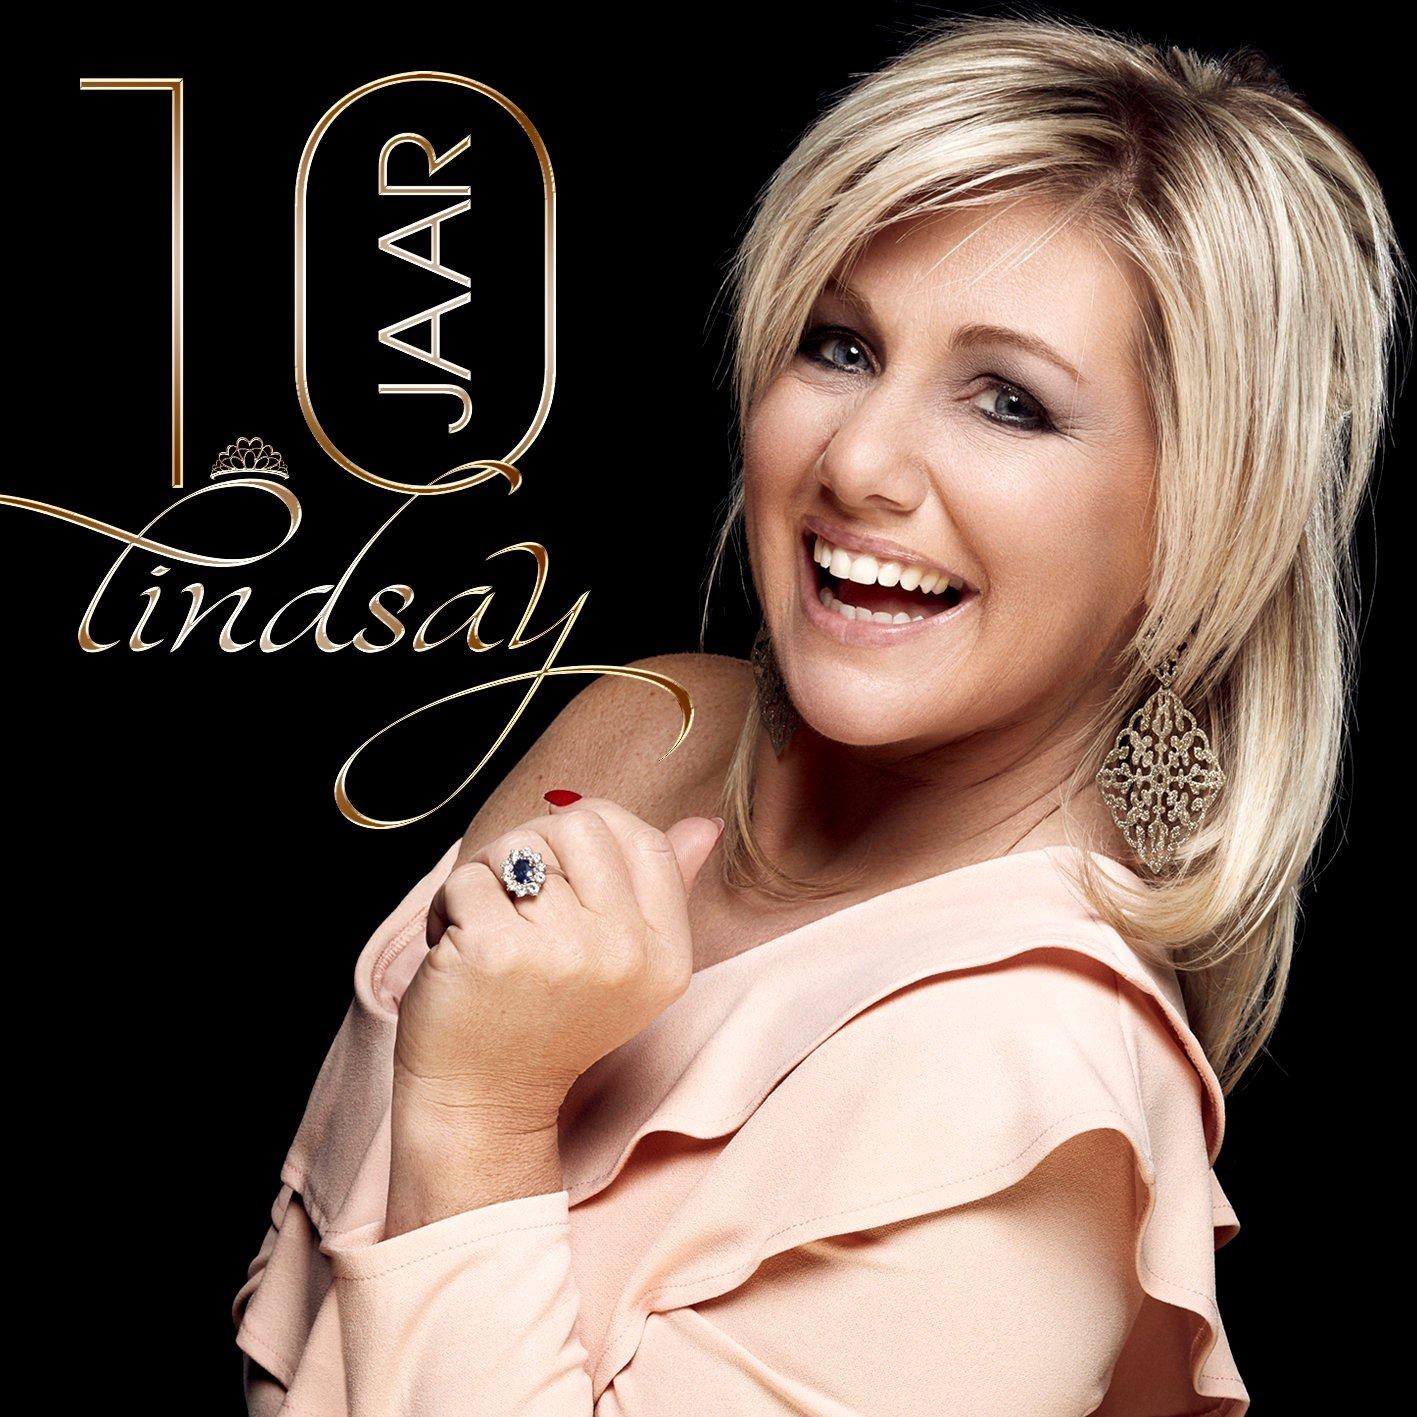 """Lindsay roept de hulp in van haar fans: """"Wat is mijn ultieme single?"""" - Lindsay 10 jaar 1"""